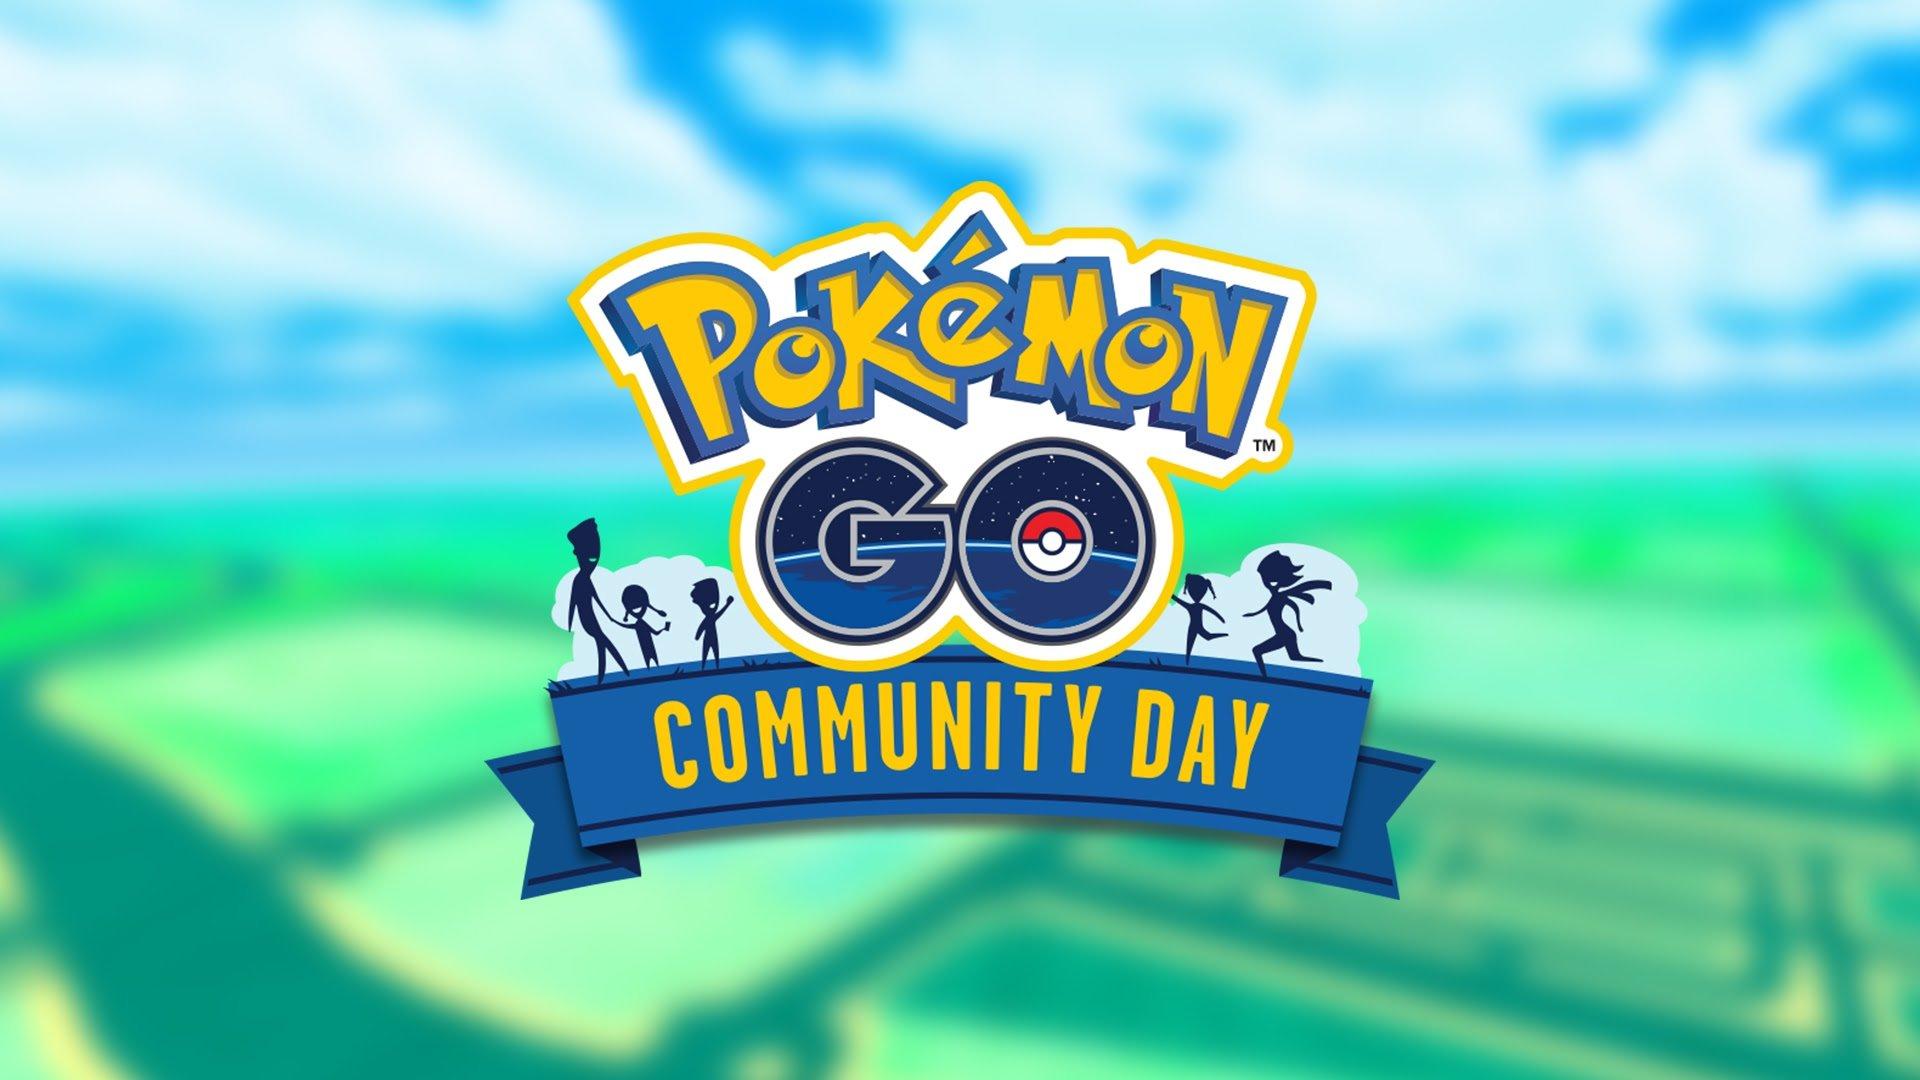 Pok-mon-GO-verr-t-endlich-die-Details-f-r-den-Community-Day-im-Dezember